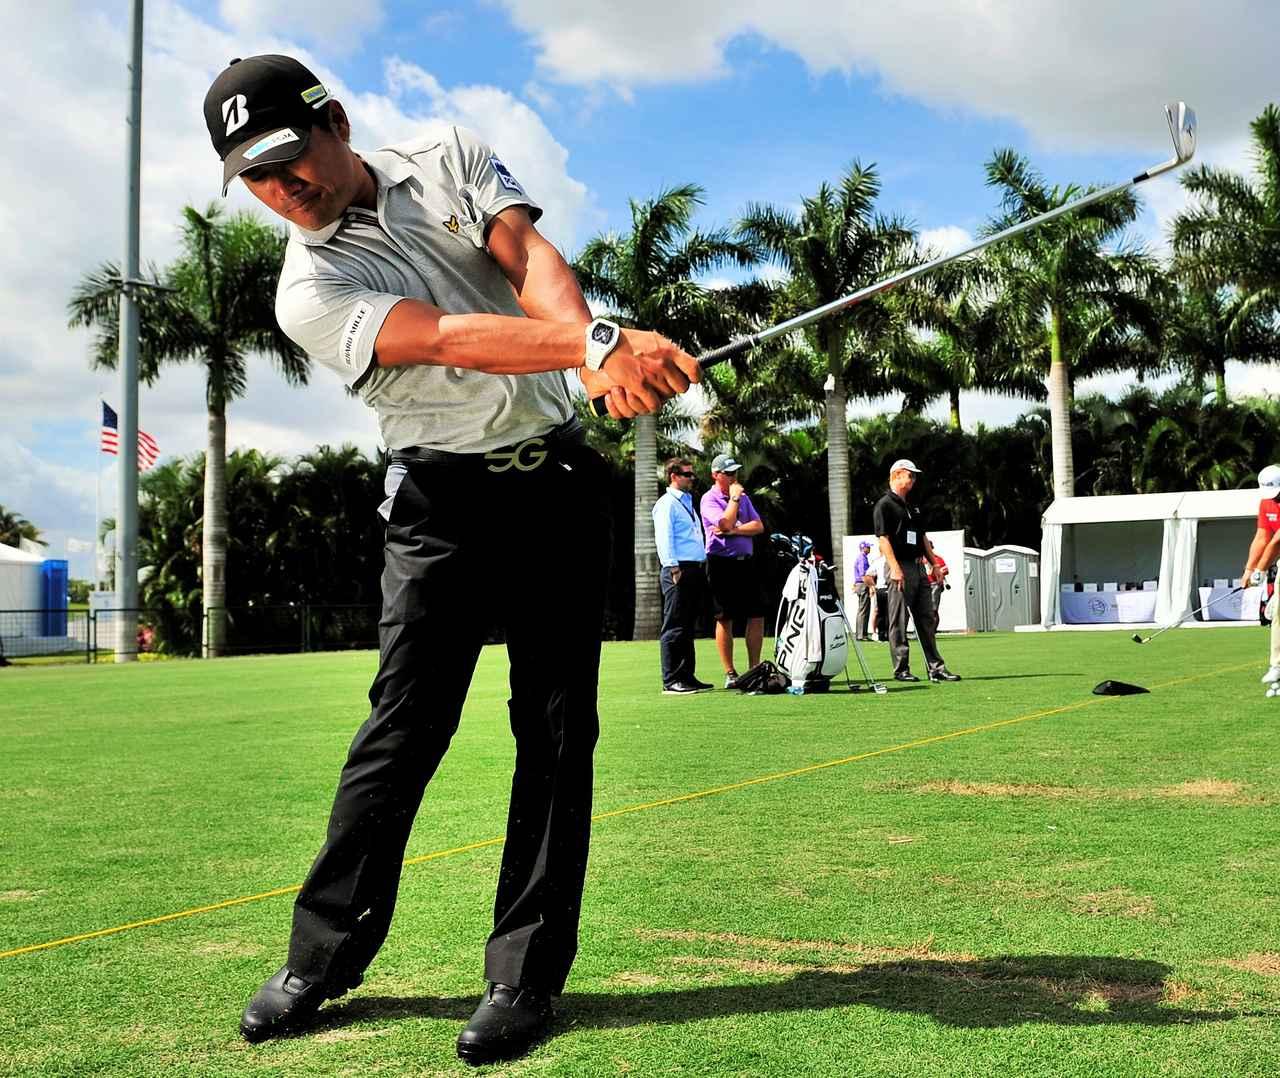 画像: 宮里プロは左わきにグローブを挟んで練習するほど、左わきの締まりを確認する